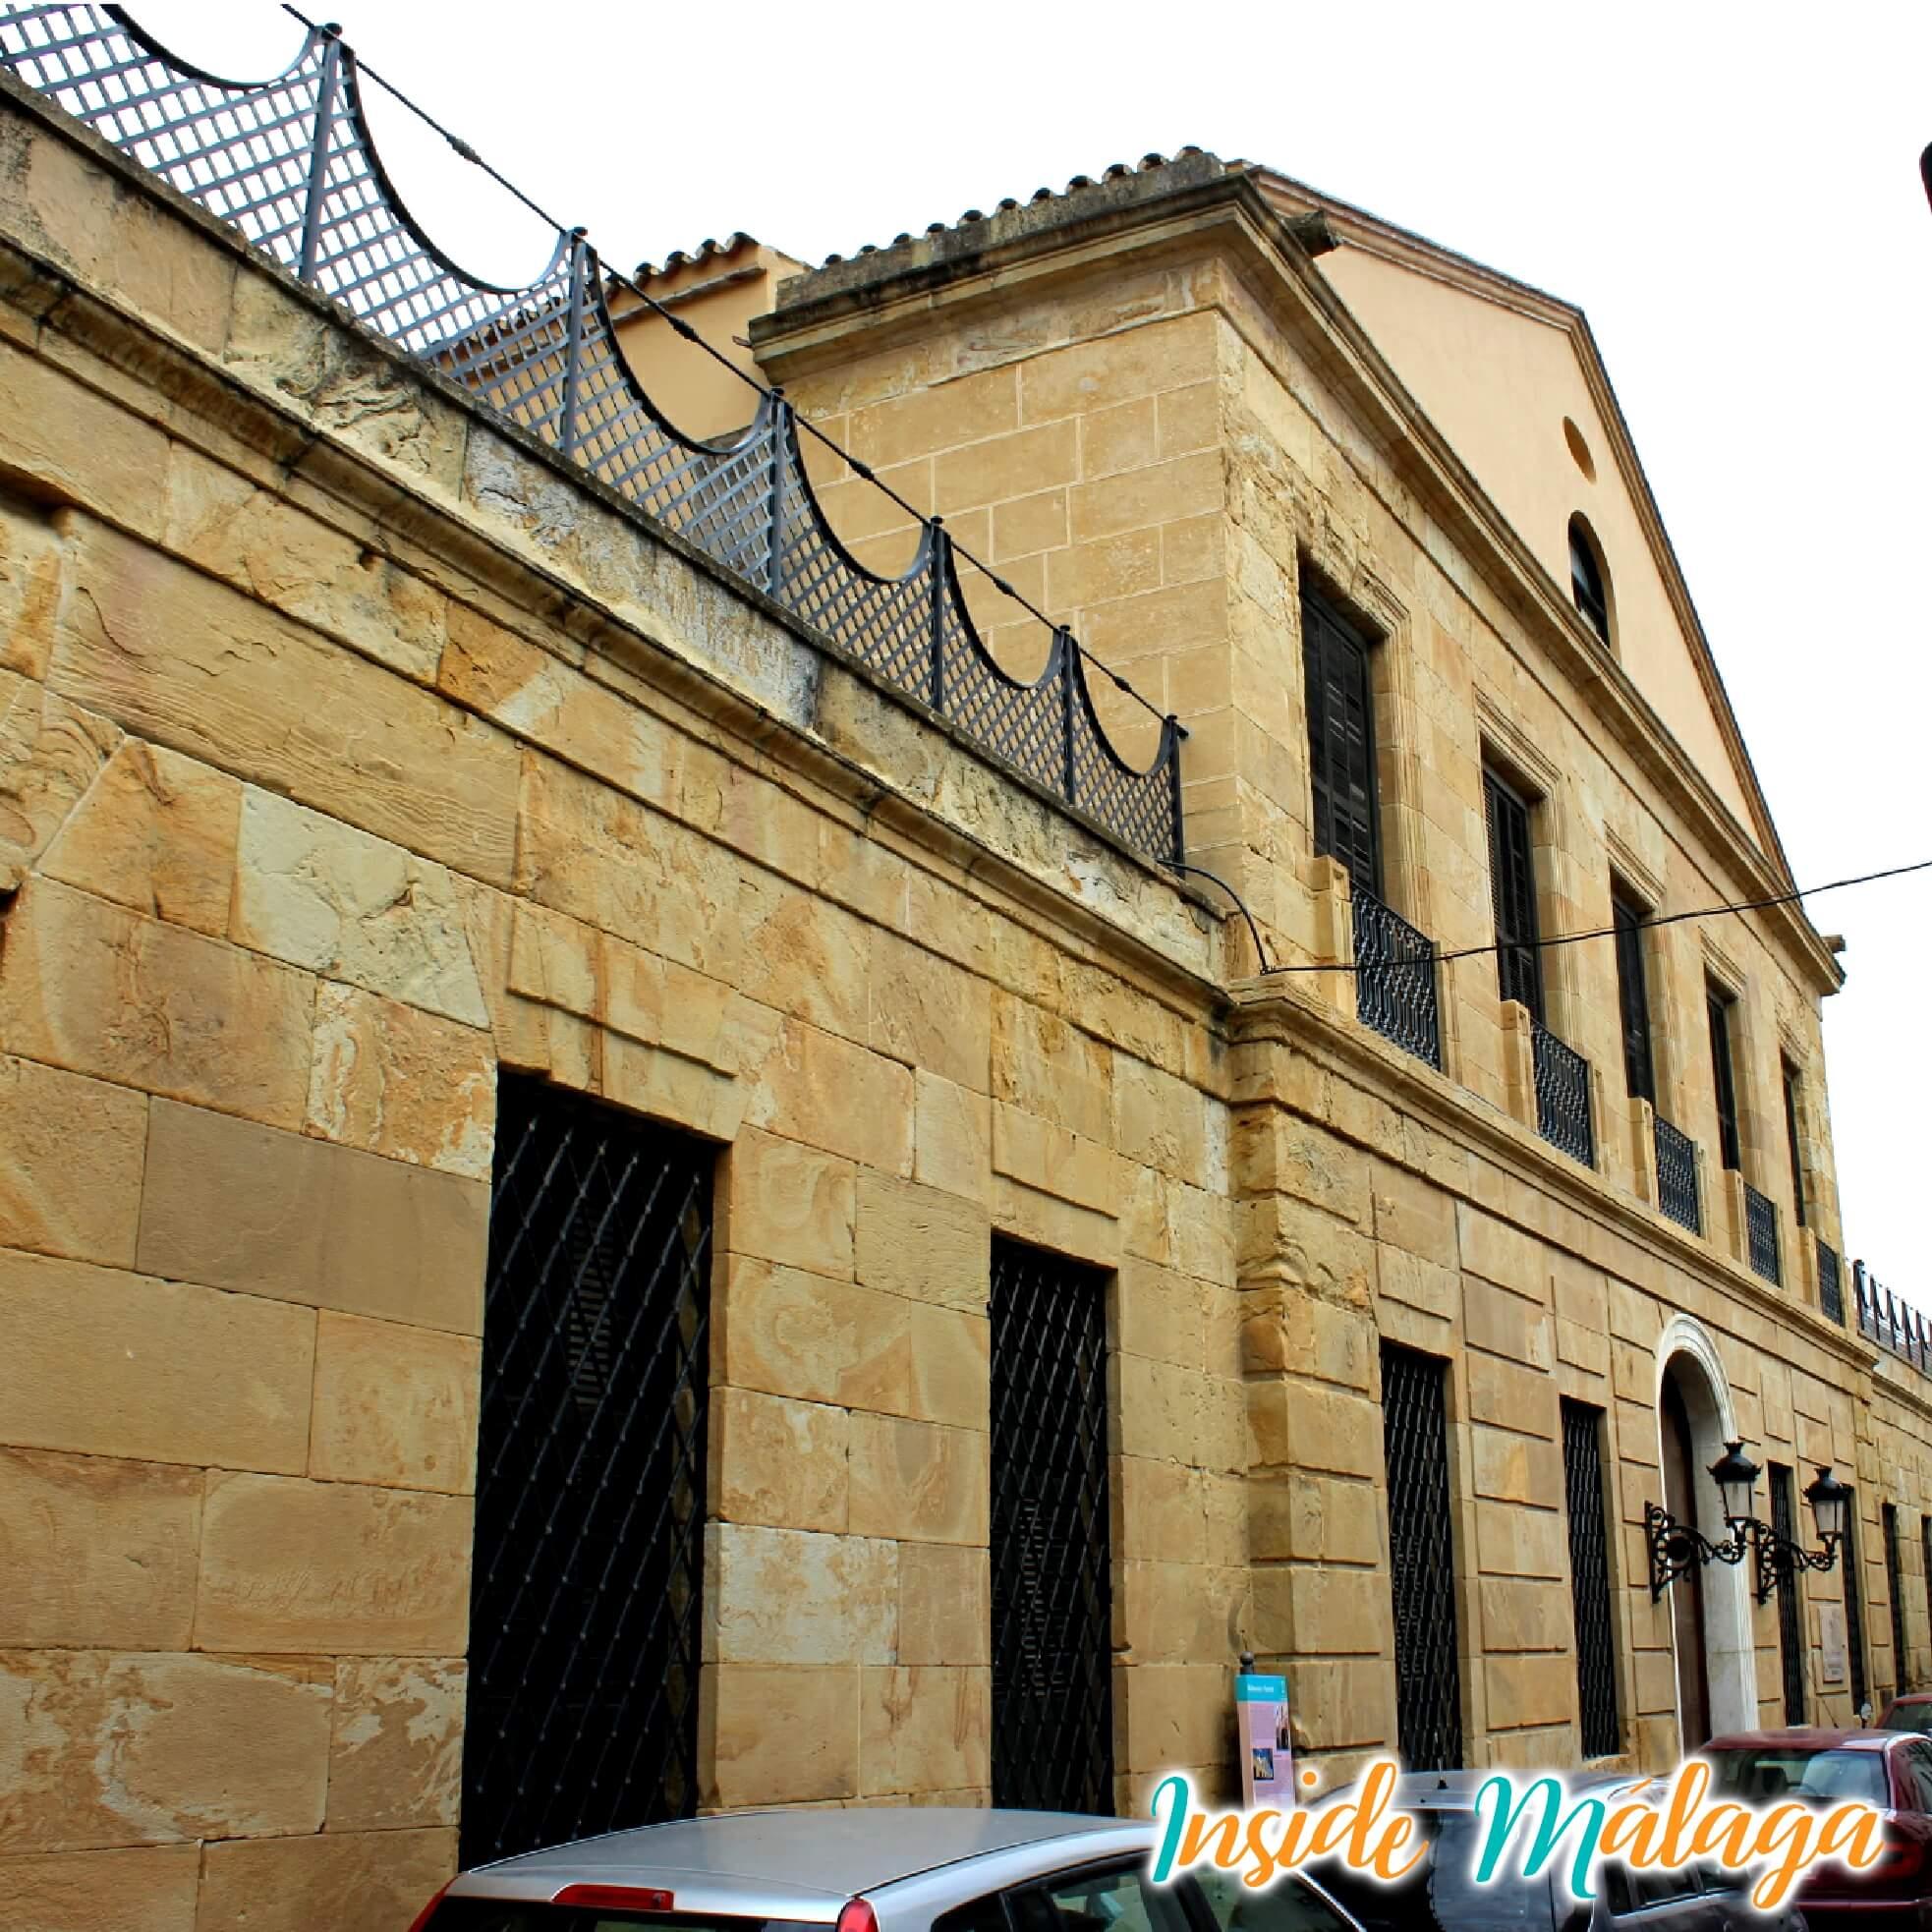 Balneario Nuestra Señora de la SaludCarratraca Malaga